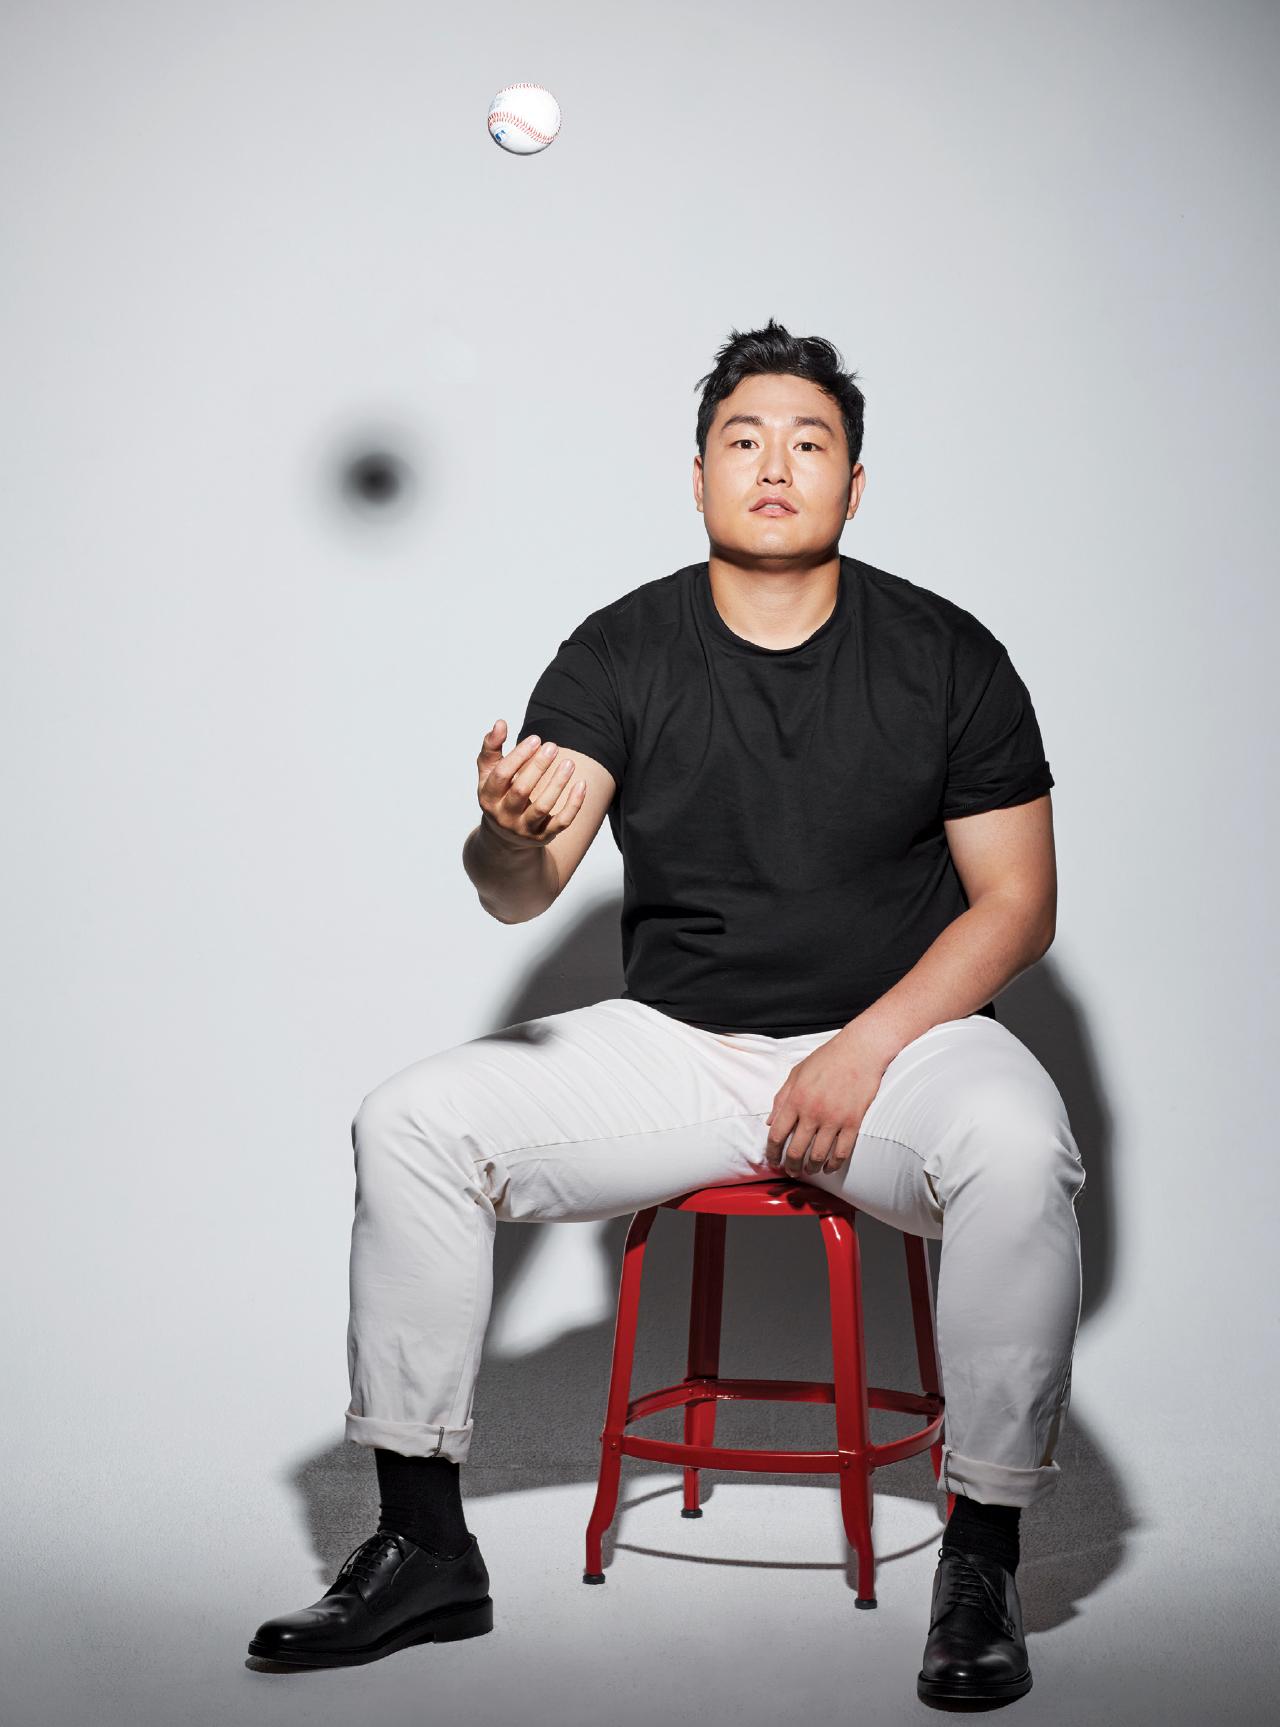 최지만은 상상하고 극복한다 - 에스콰이어 코리아 Esquire Korea 2016년 12월